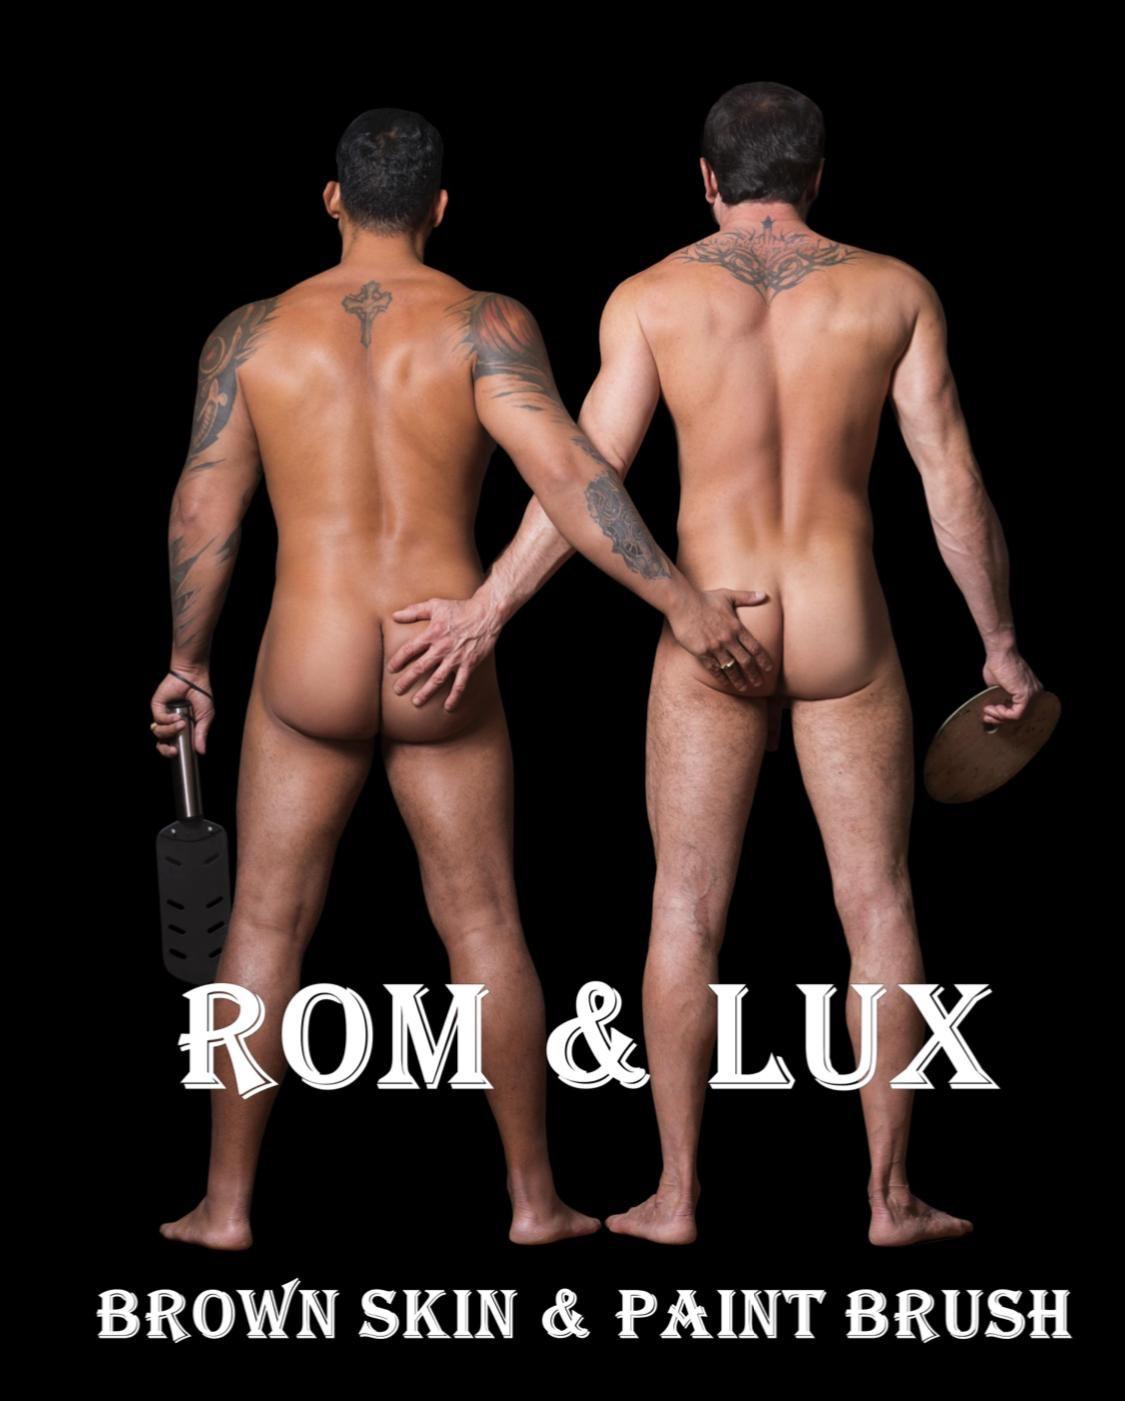 rom & lux